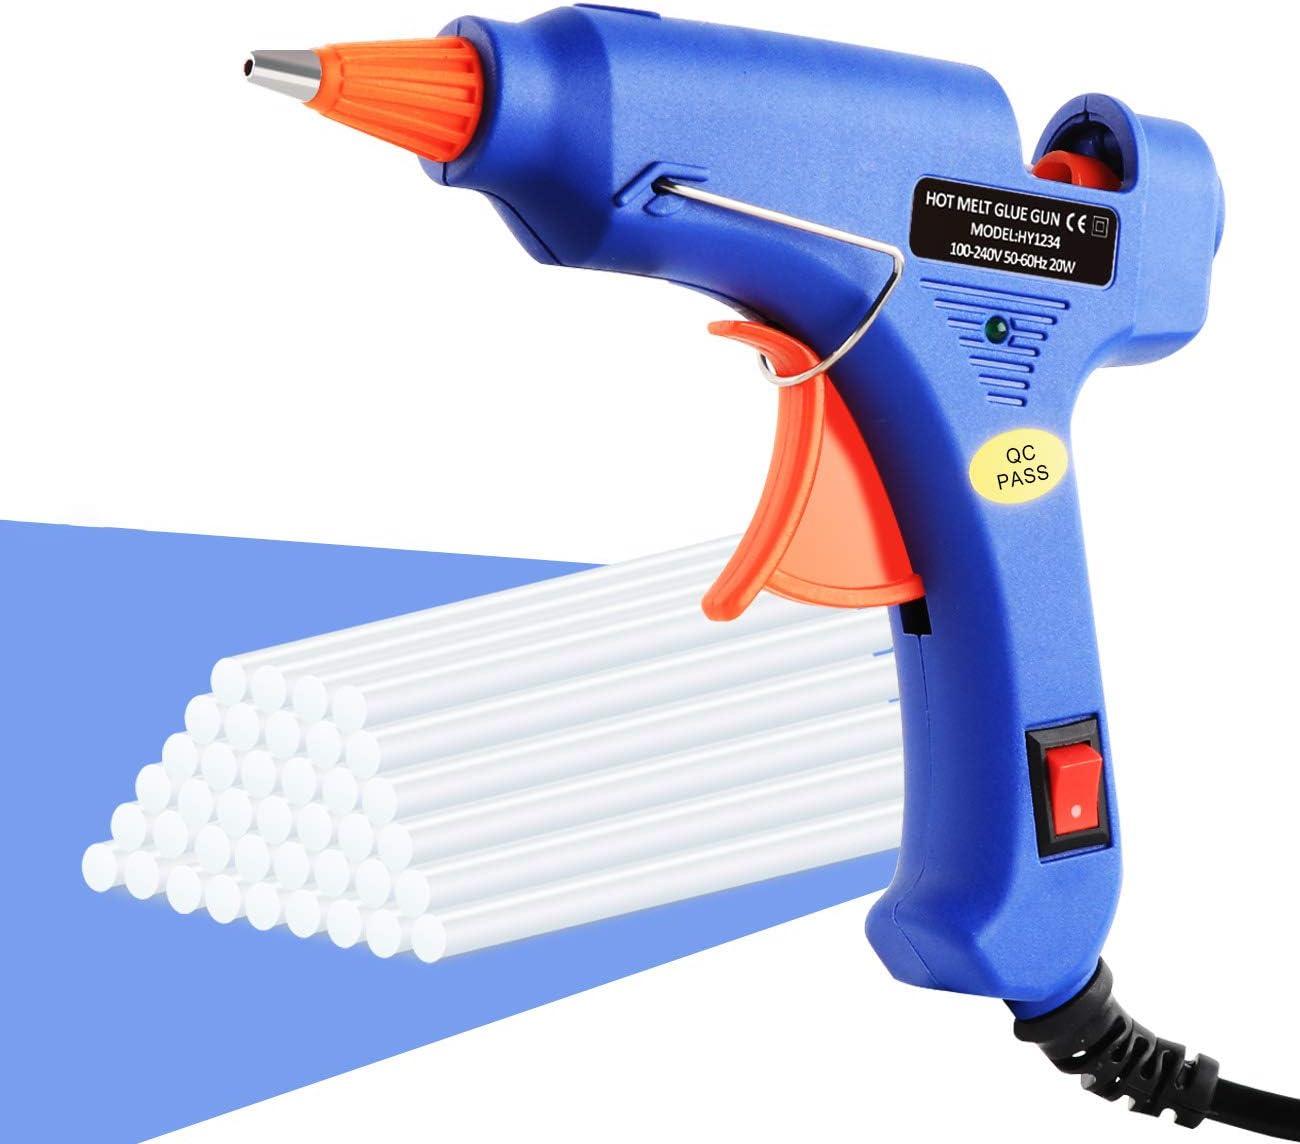 Pistola de pegamento caliente clásica con 60 barras de pegamento de alta temperatura, uso flexible y calentamiento rápido, buen asistente para proyectos y reparaciones, 20 W, azul